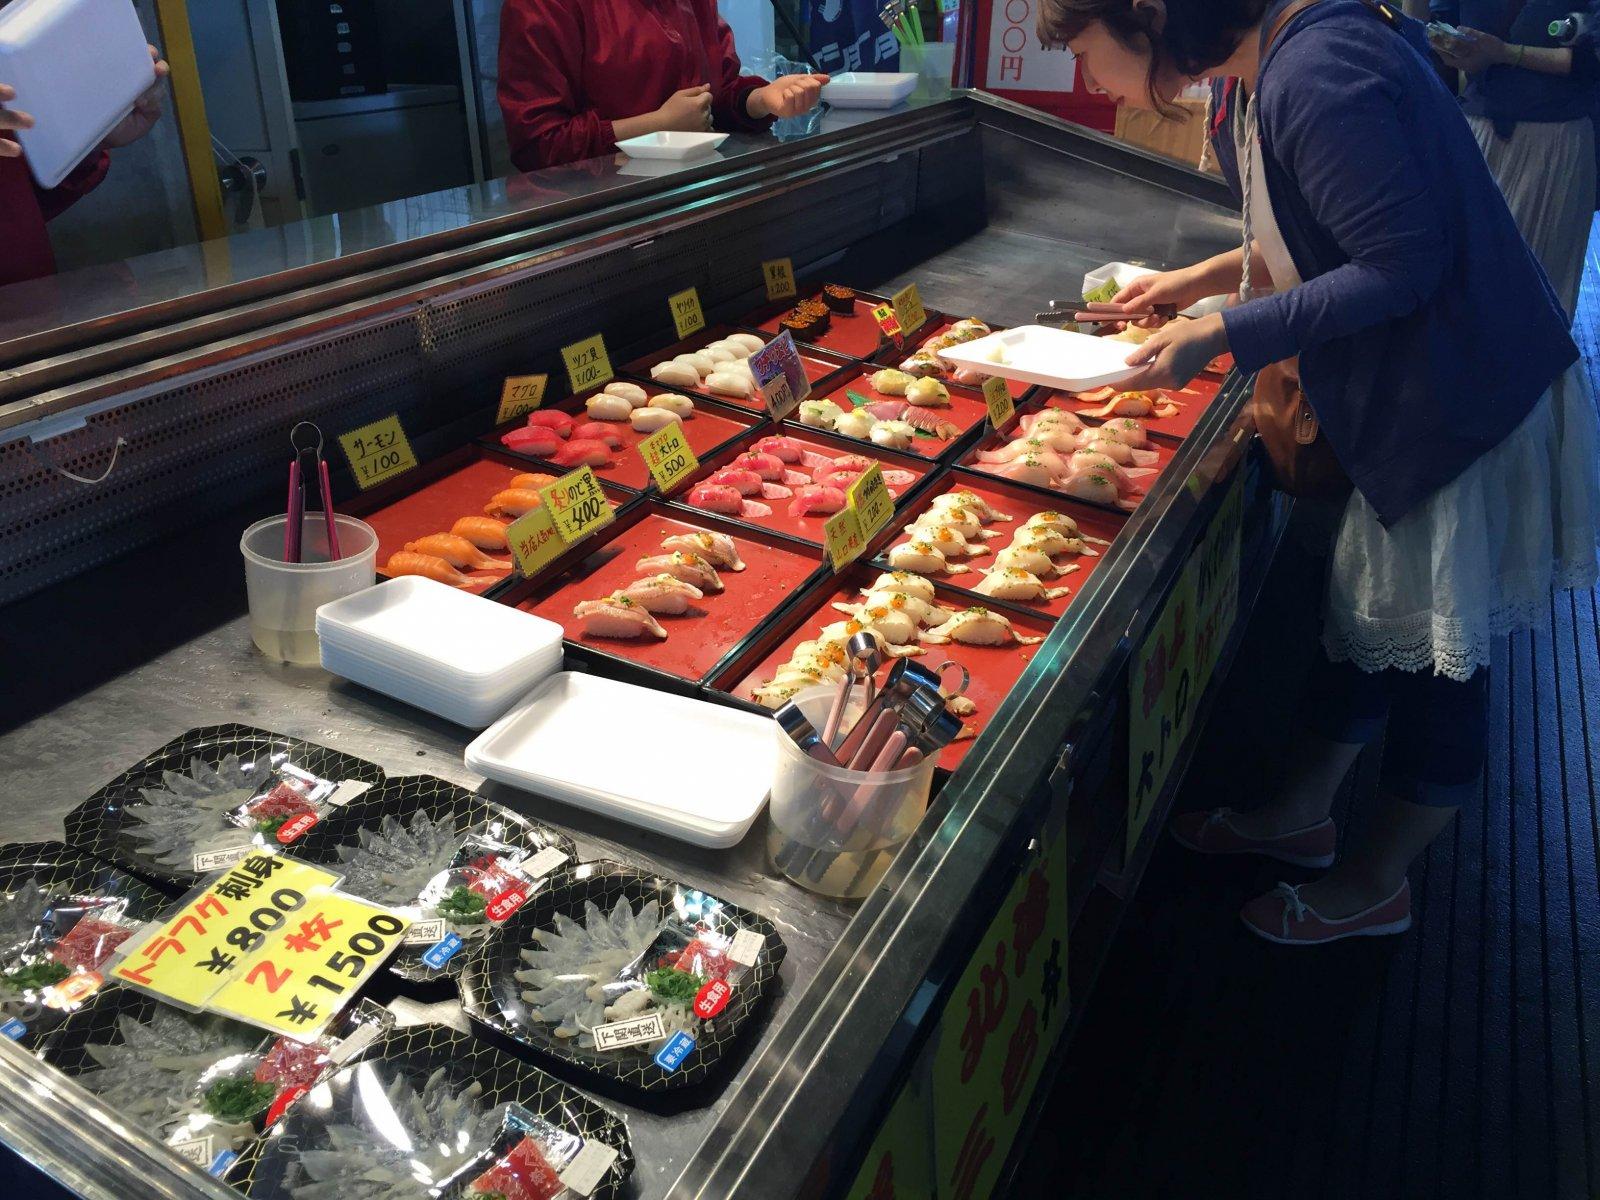 唐戸市場 お店の風景